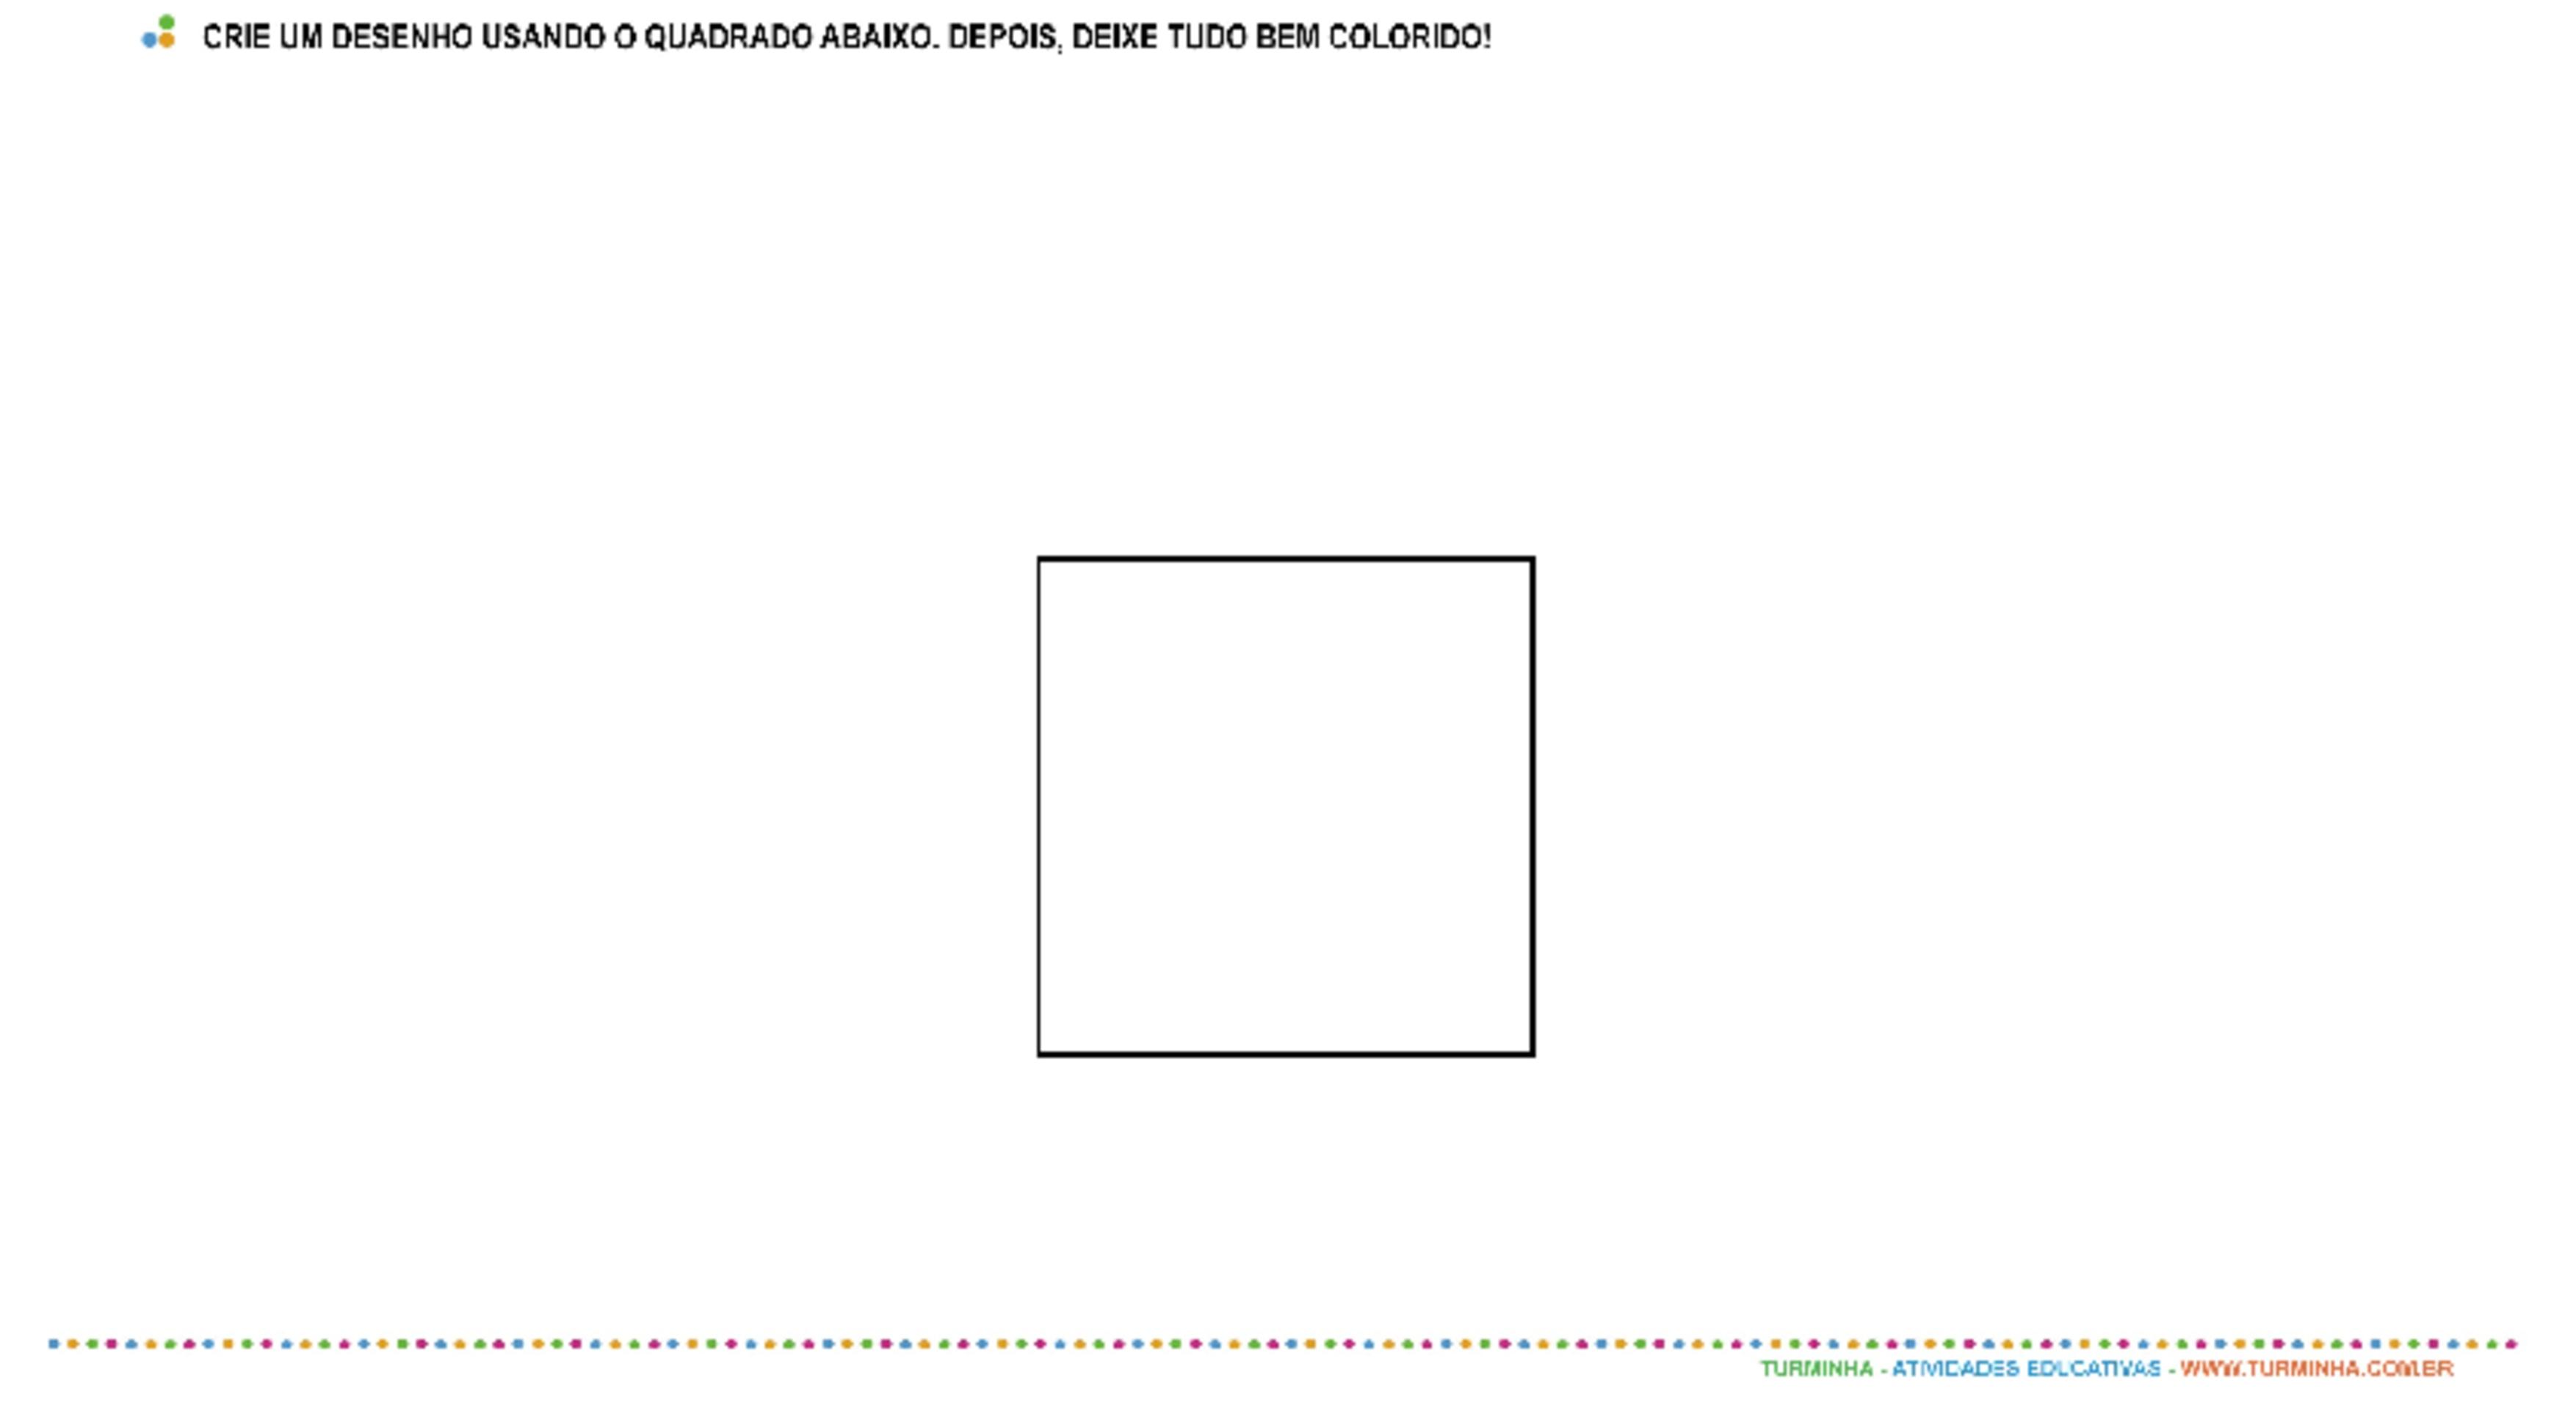 Formas Geométricas - Quadrado - atividade educativa para Pré-Escola (4 e 5 anos)